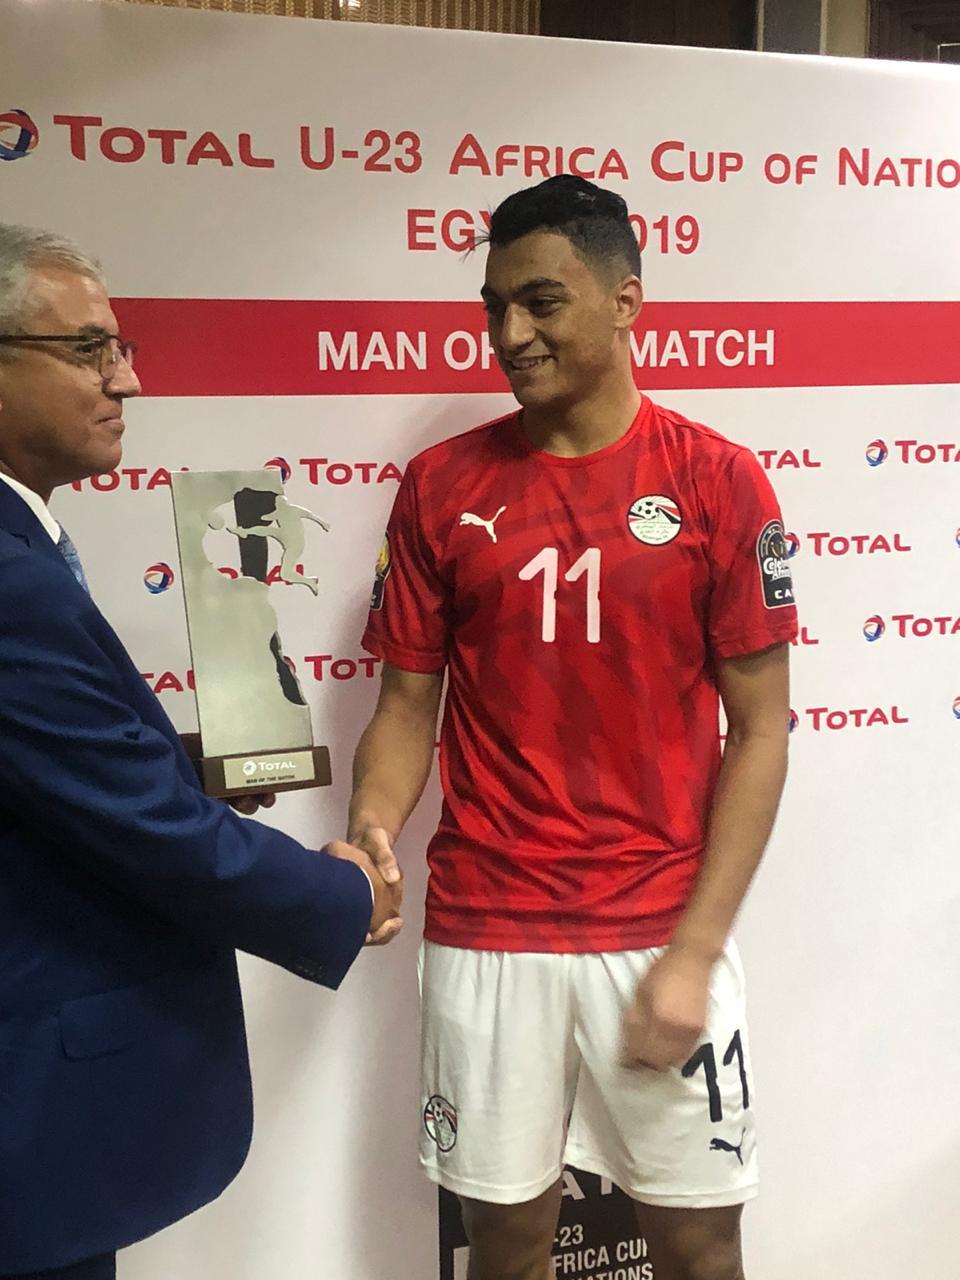 مصطفى محمد رجل المباراة